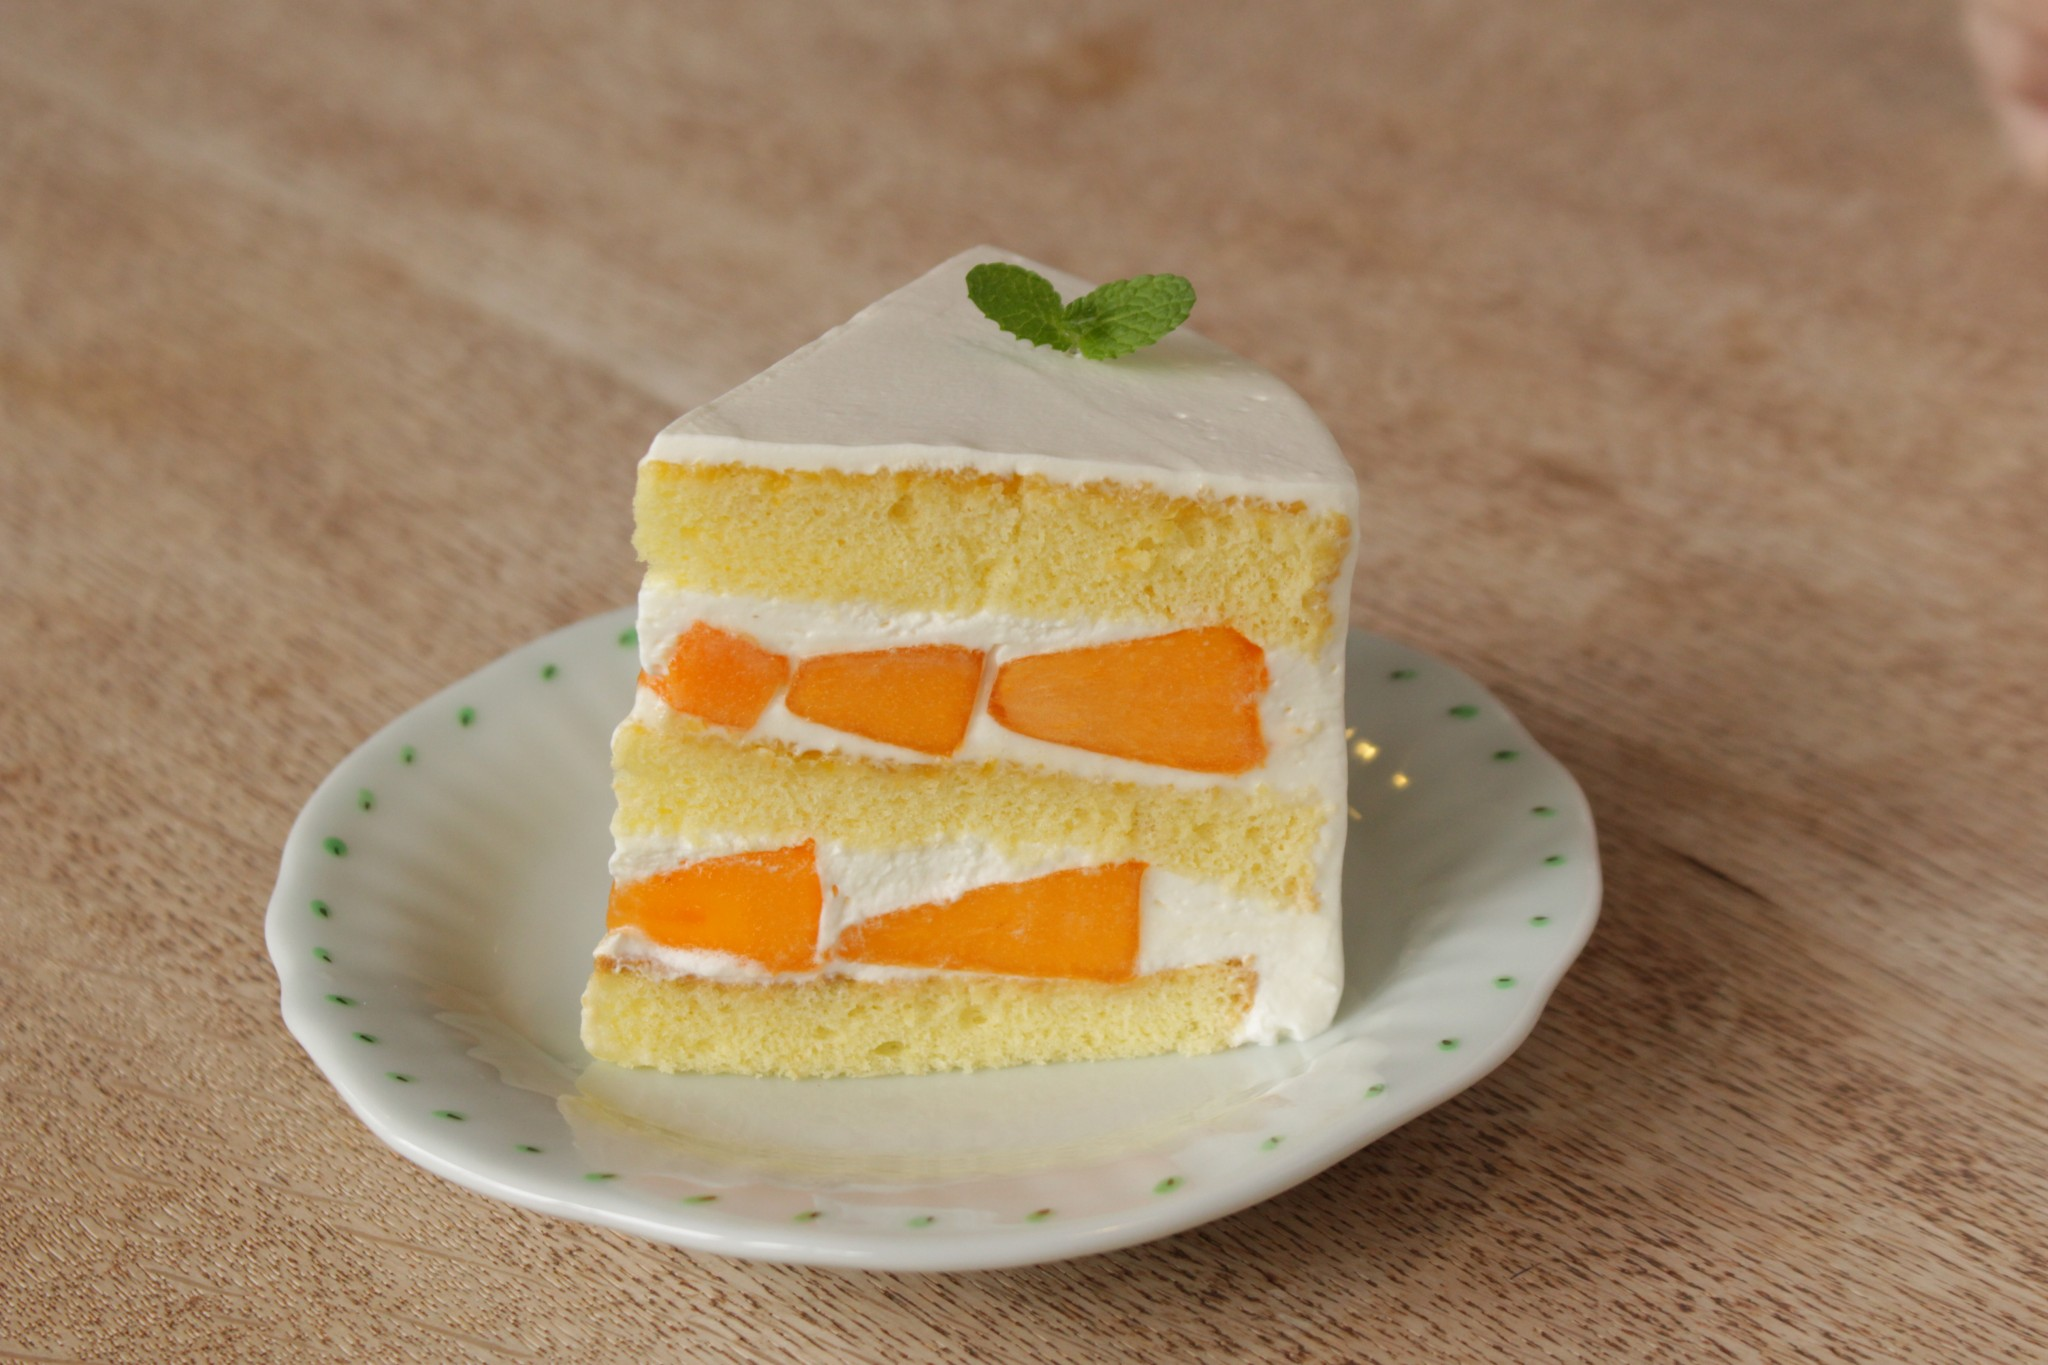 とても美味しい柿のショートケーキ☆